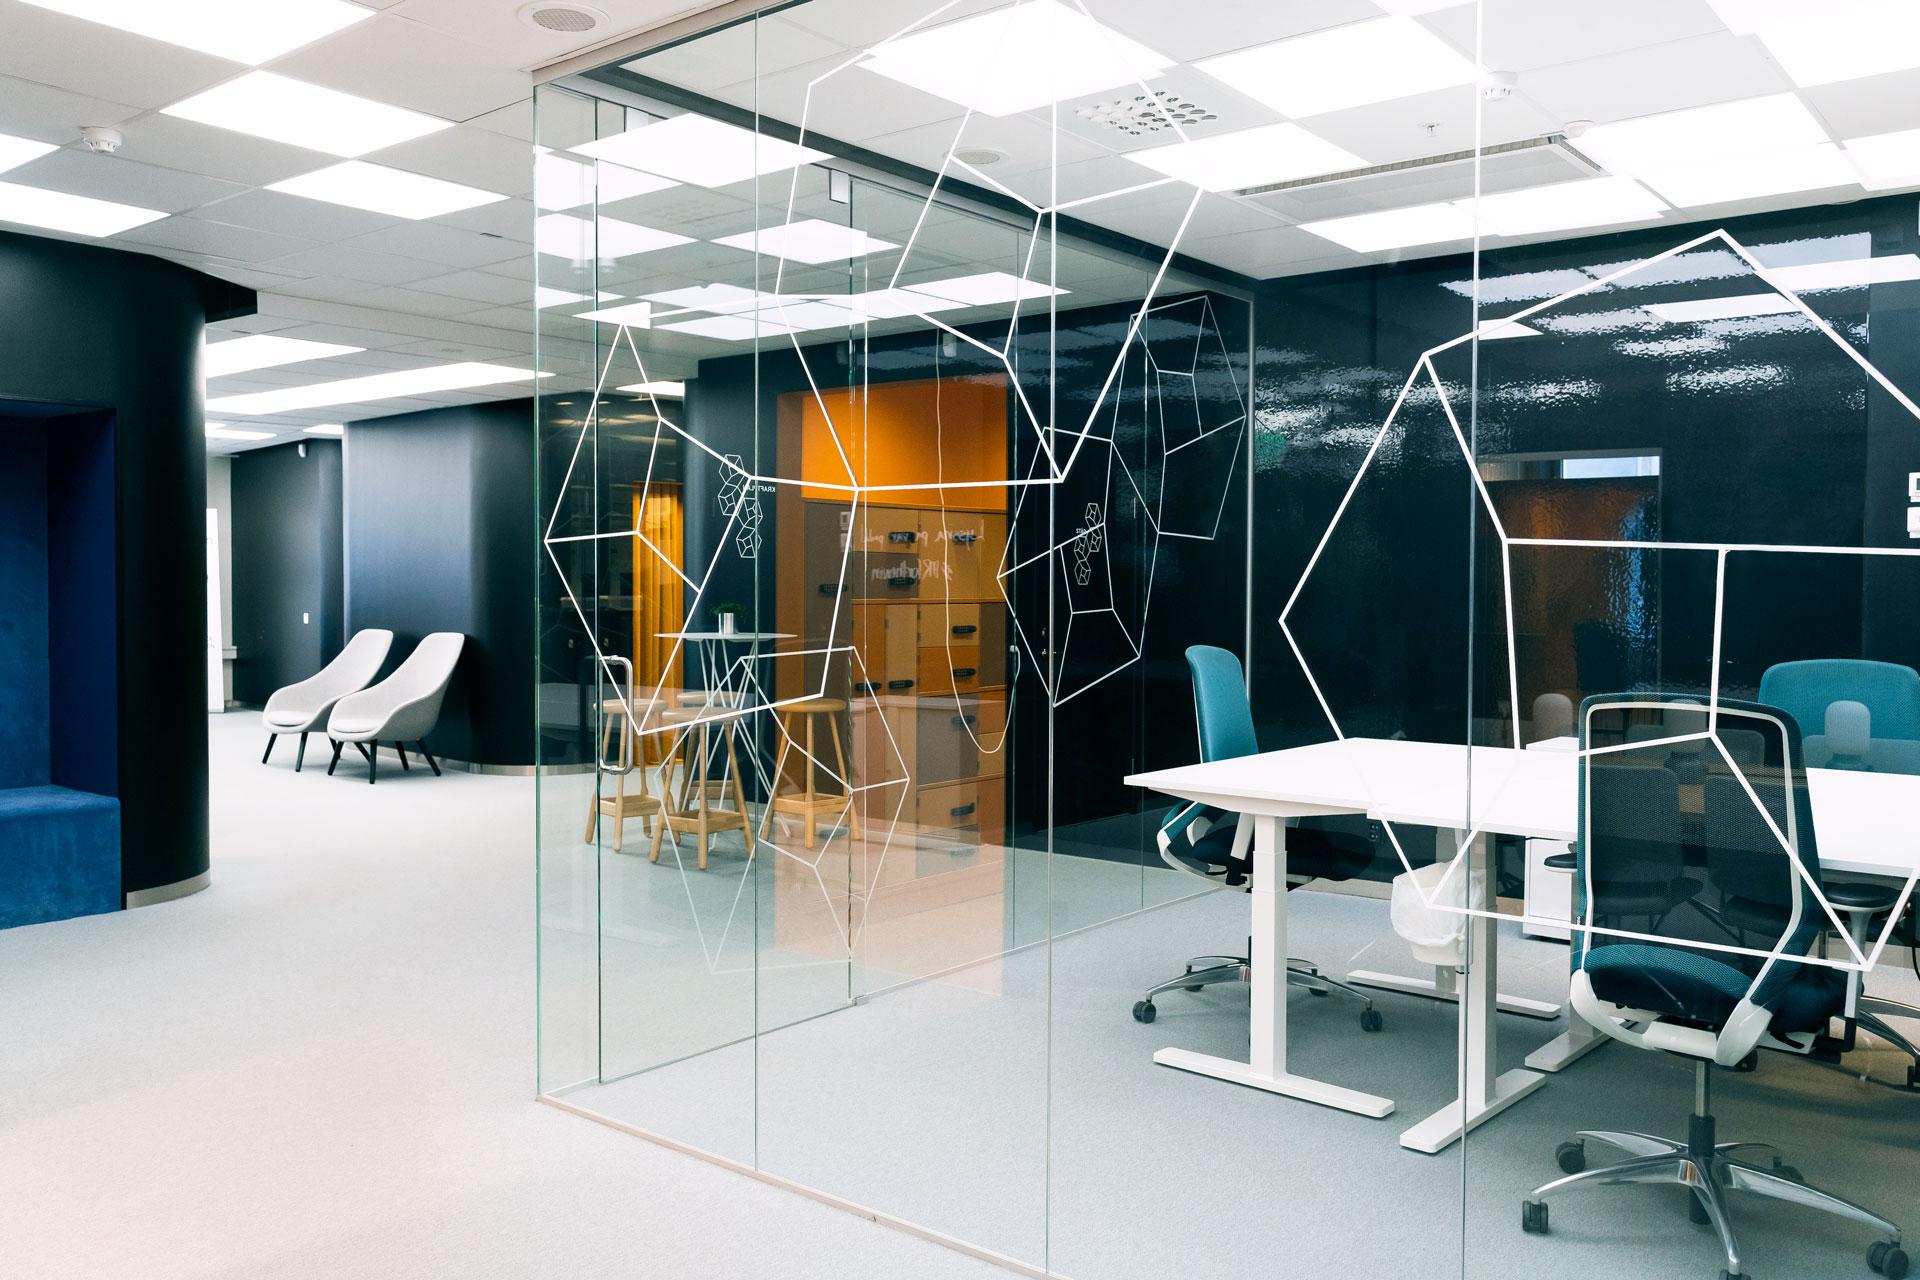 Coworking medlemskap Fixed Room hos expectrum i Västerås. Fotograf: Matilda Hildingsson